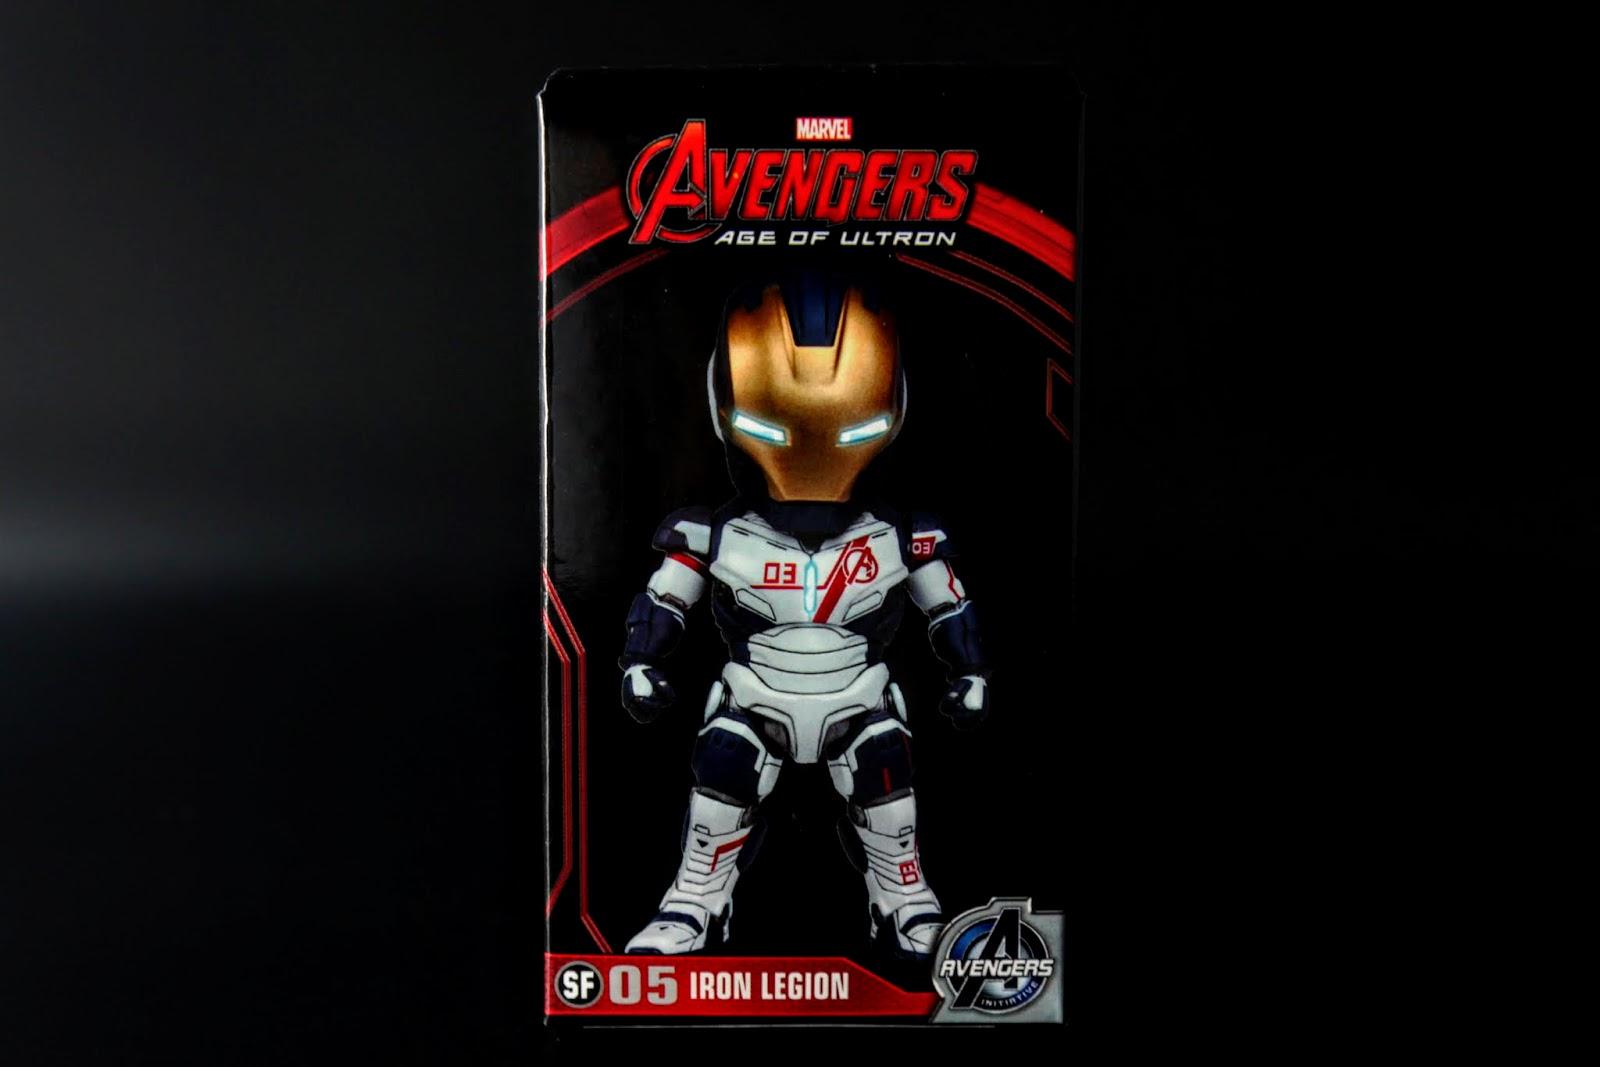 Iron Legion,片中東尼製作的無人鋼鐵軍團